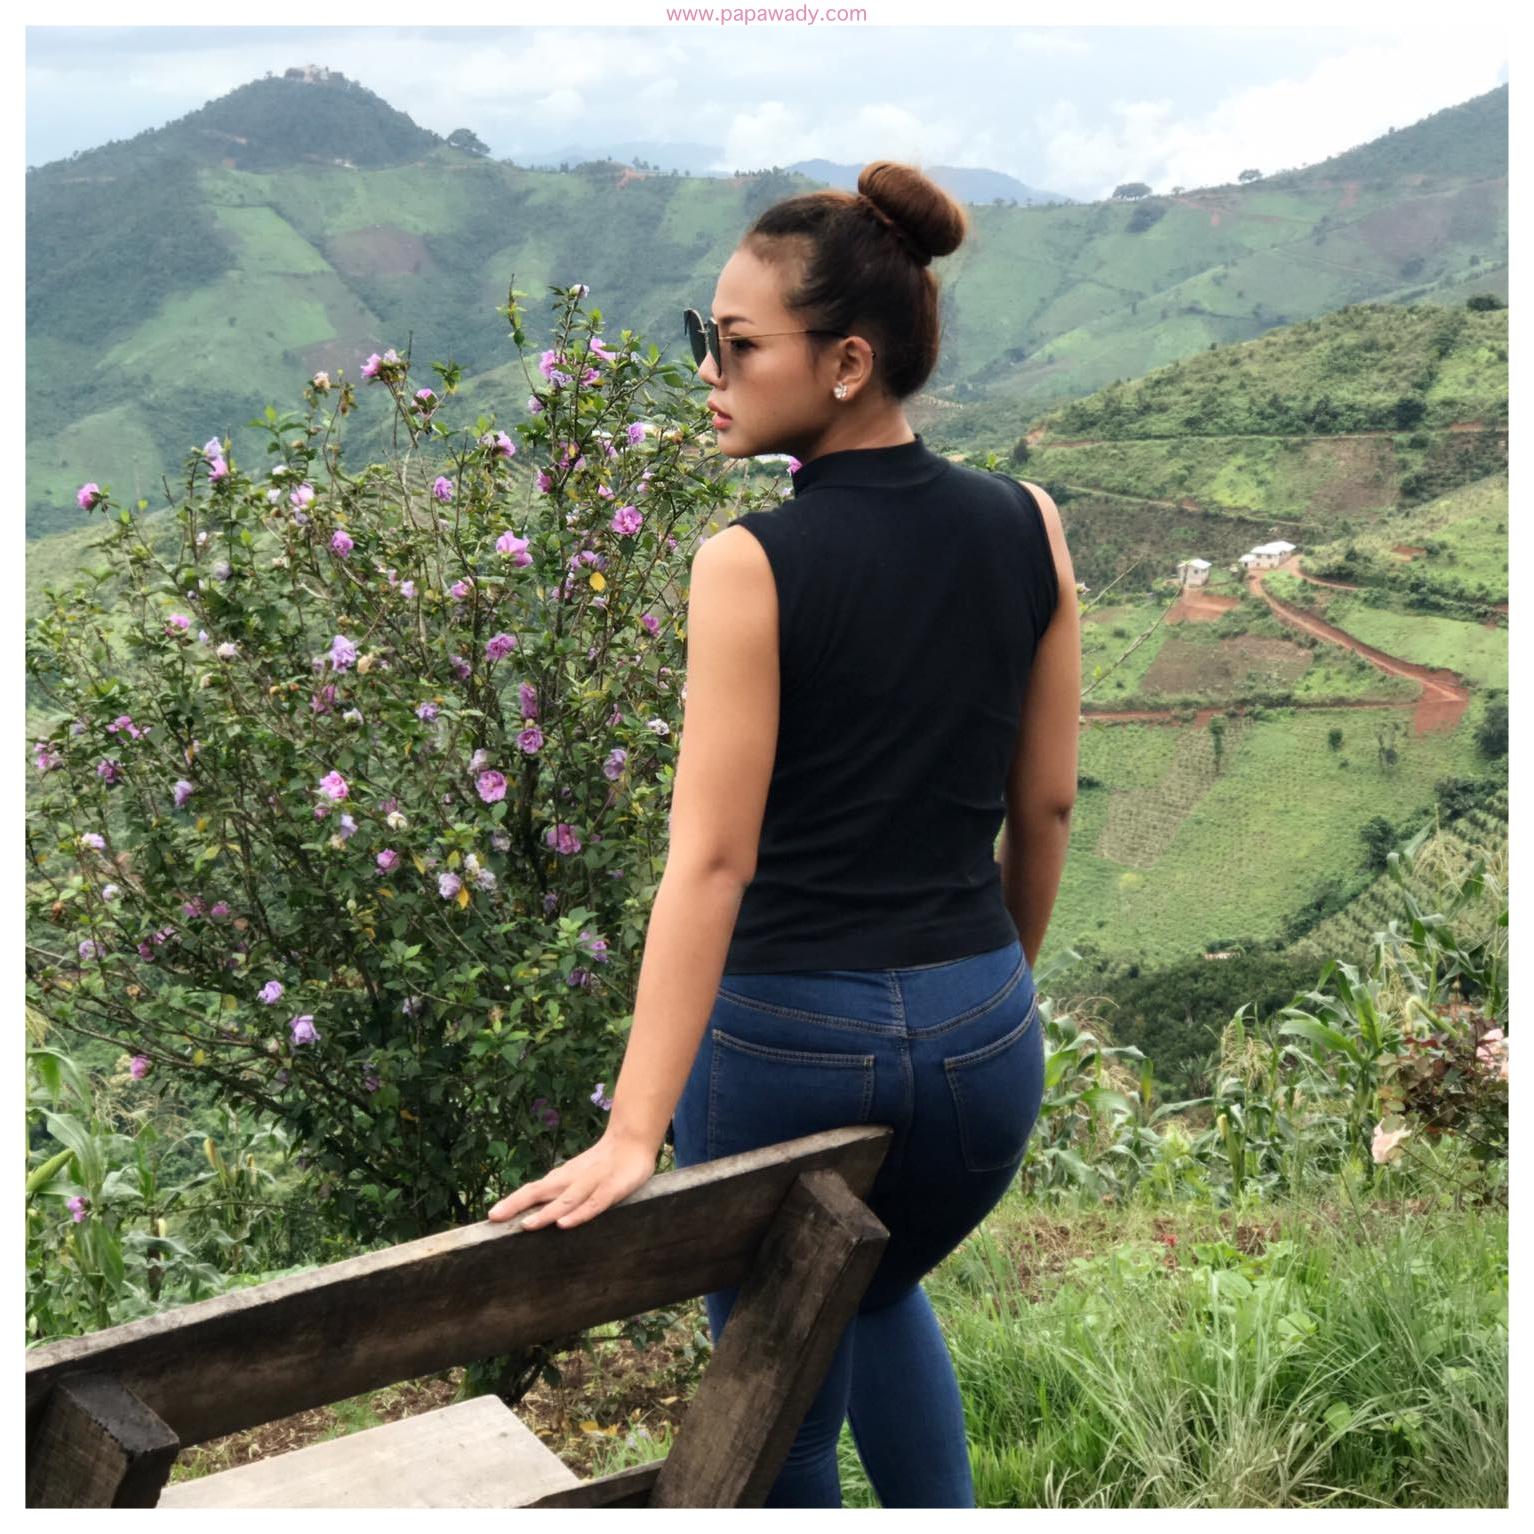 Nang Khin Zay Yar Fashion And Travel Snaps In Kalaw